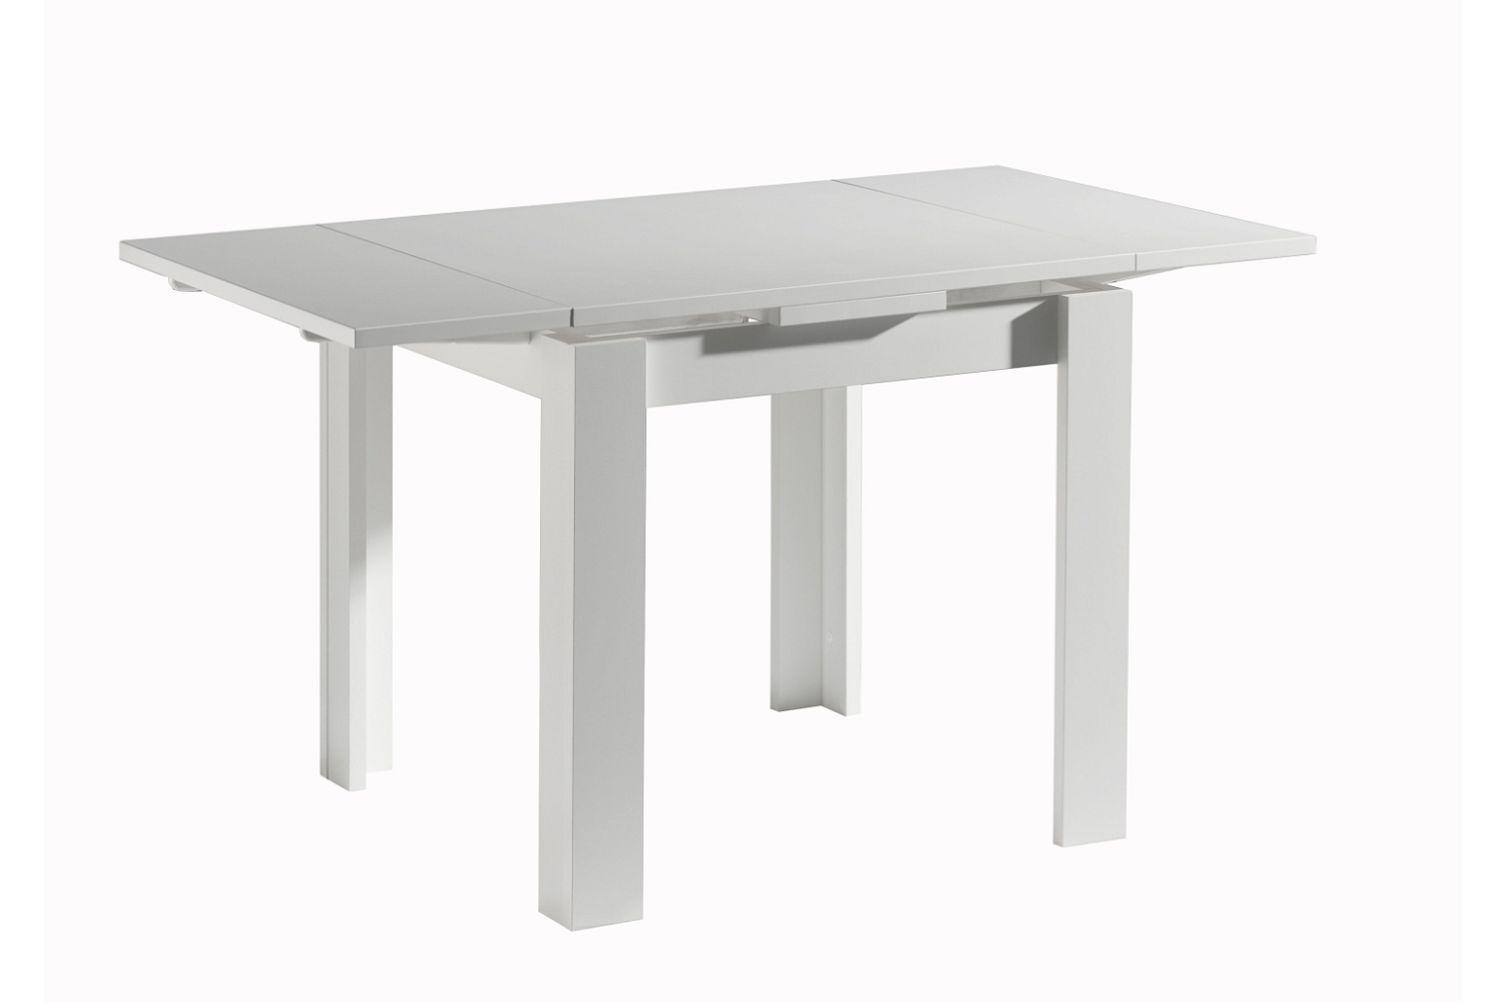 esstisch tisch k chentisch ausziehtisch ausziehbar erweiterbar neu modern ebay. Black Bedroom Furniture Sets. Home Design Ideas